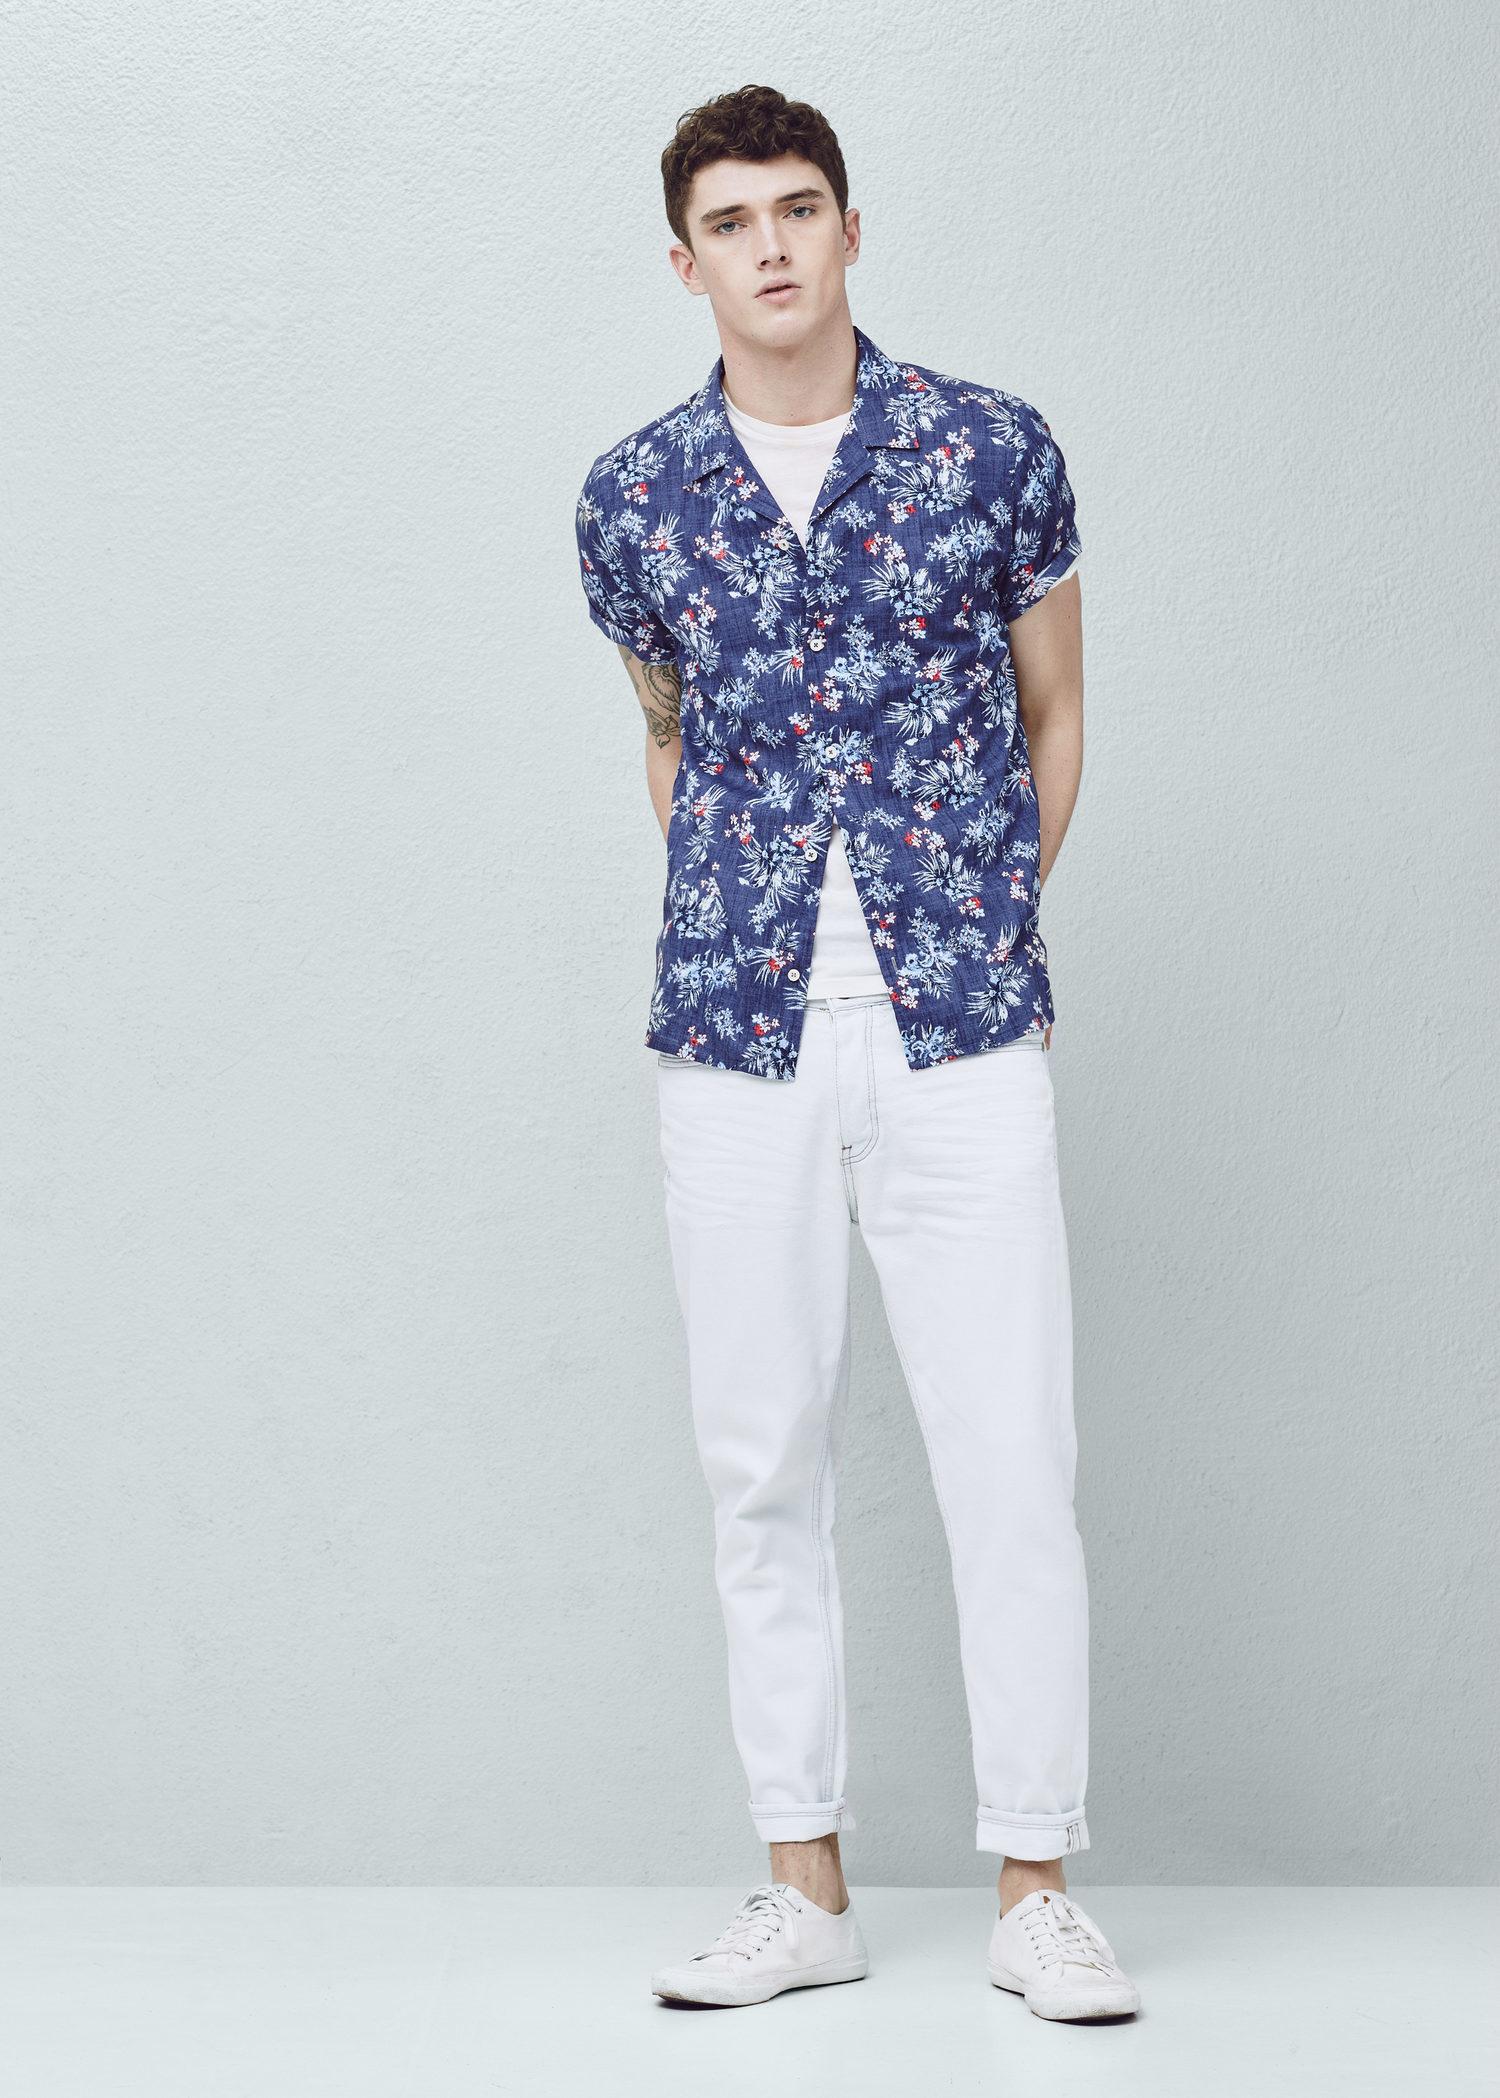 Lyst mango regular fit floral print shirt in blue for men for Blue floral shirt mens